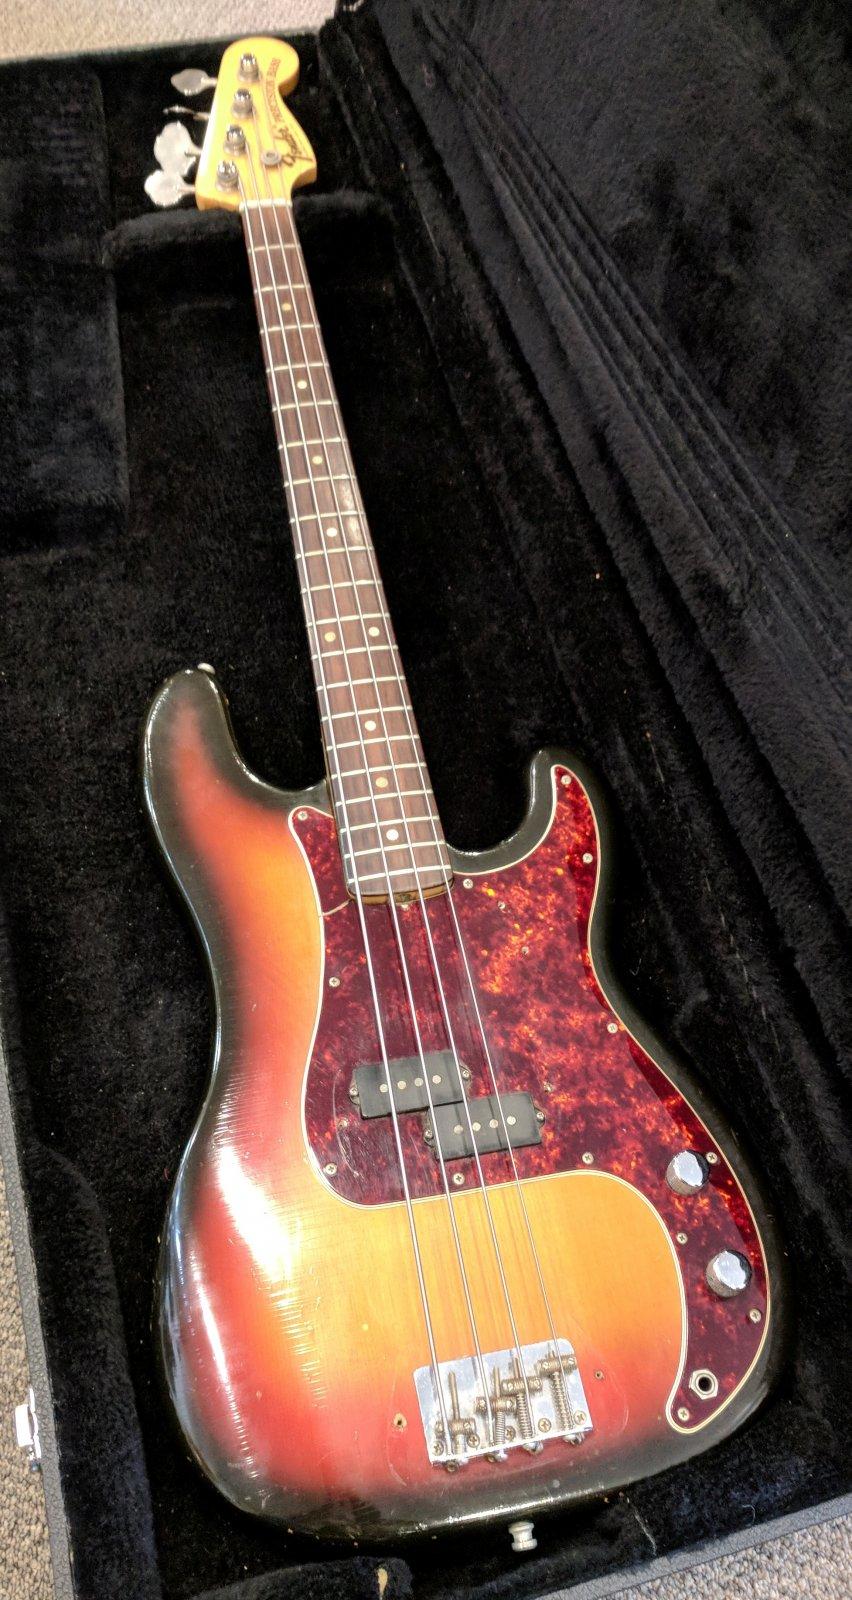 BASS GUITAR - 1968 Fender P Bass #210244